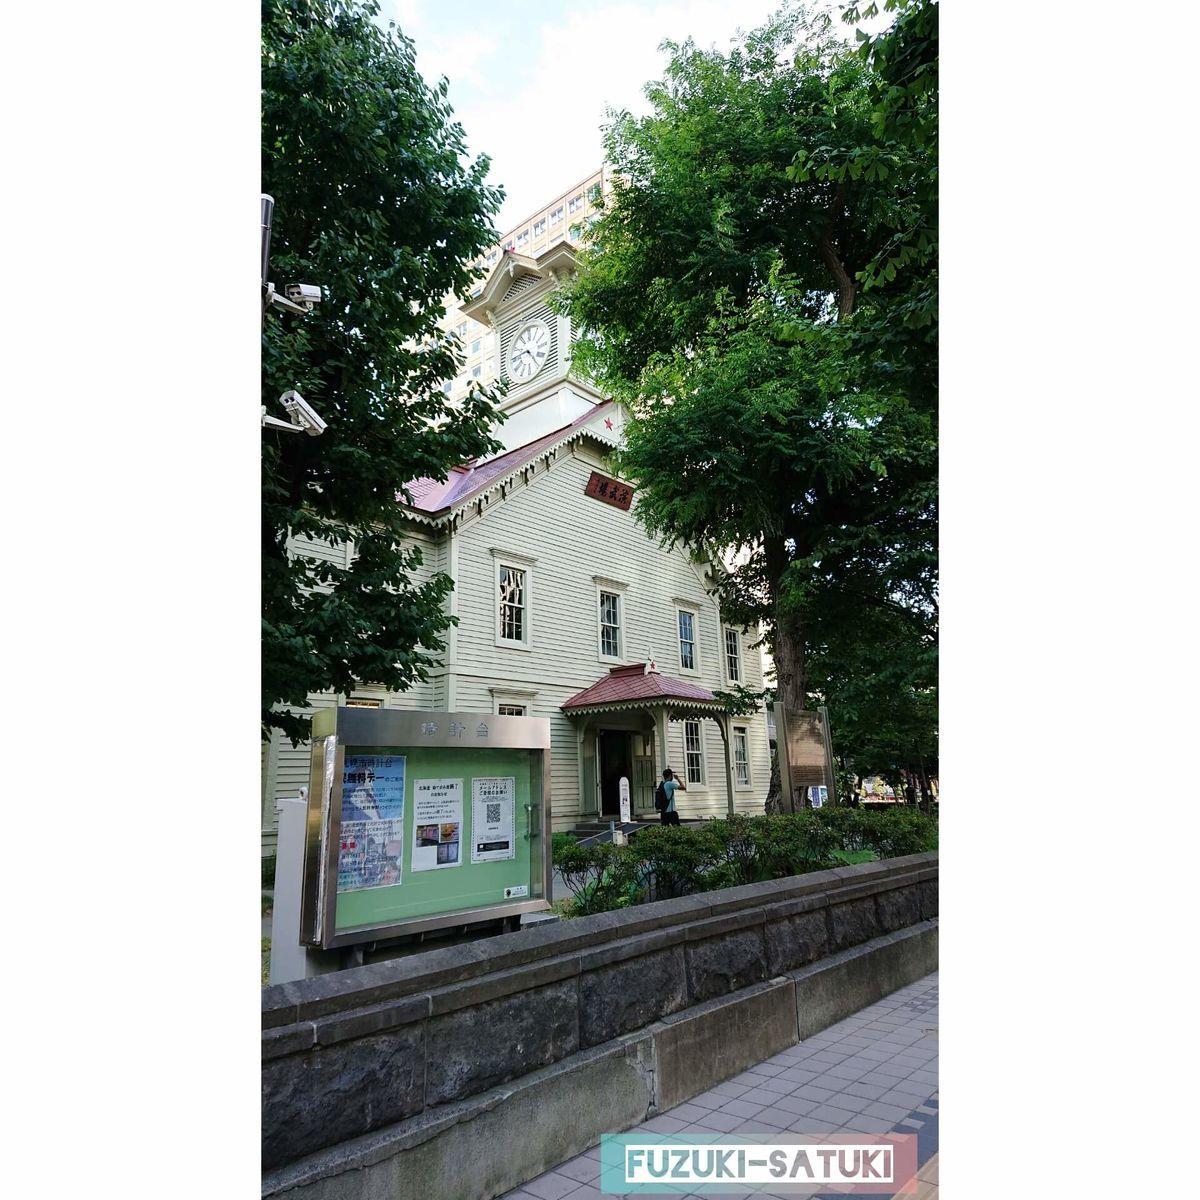 札幌市時計台の外観の写真